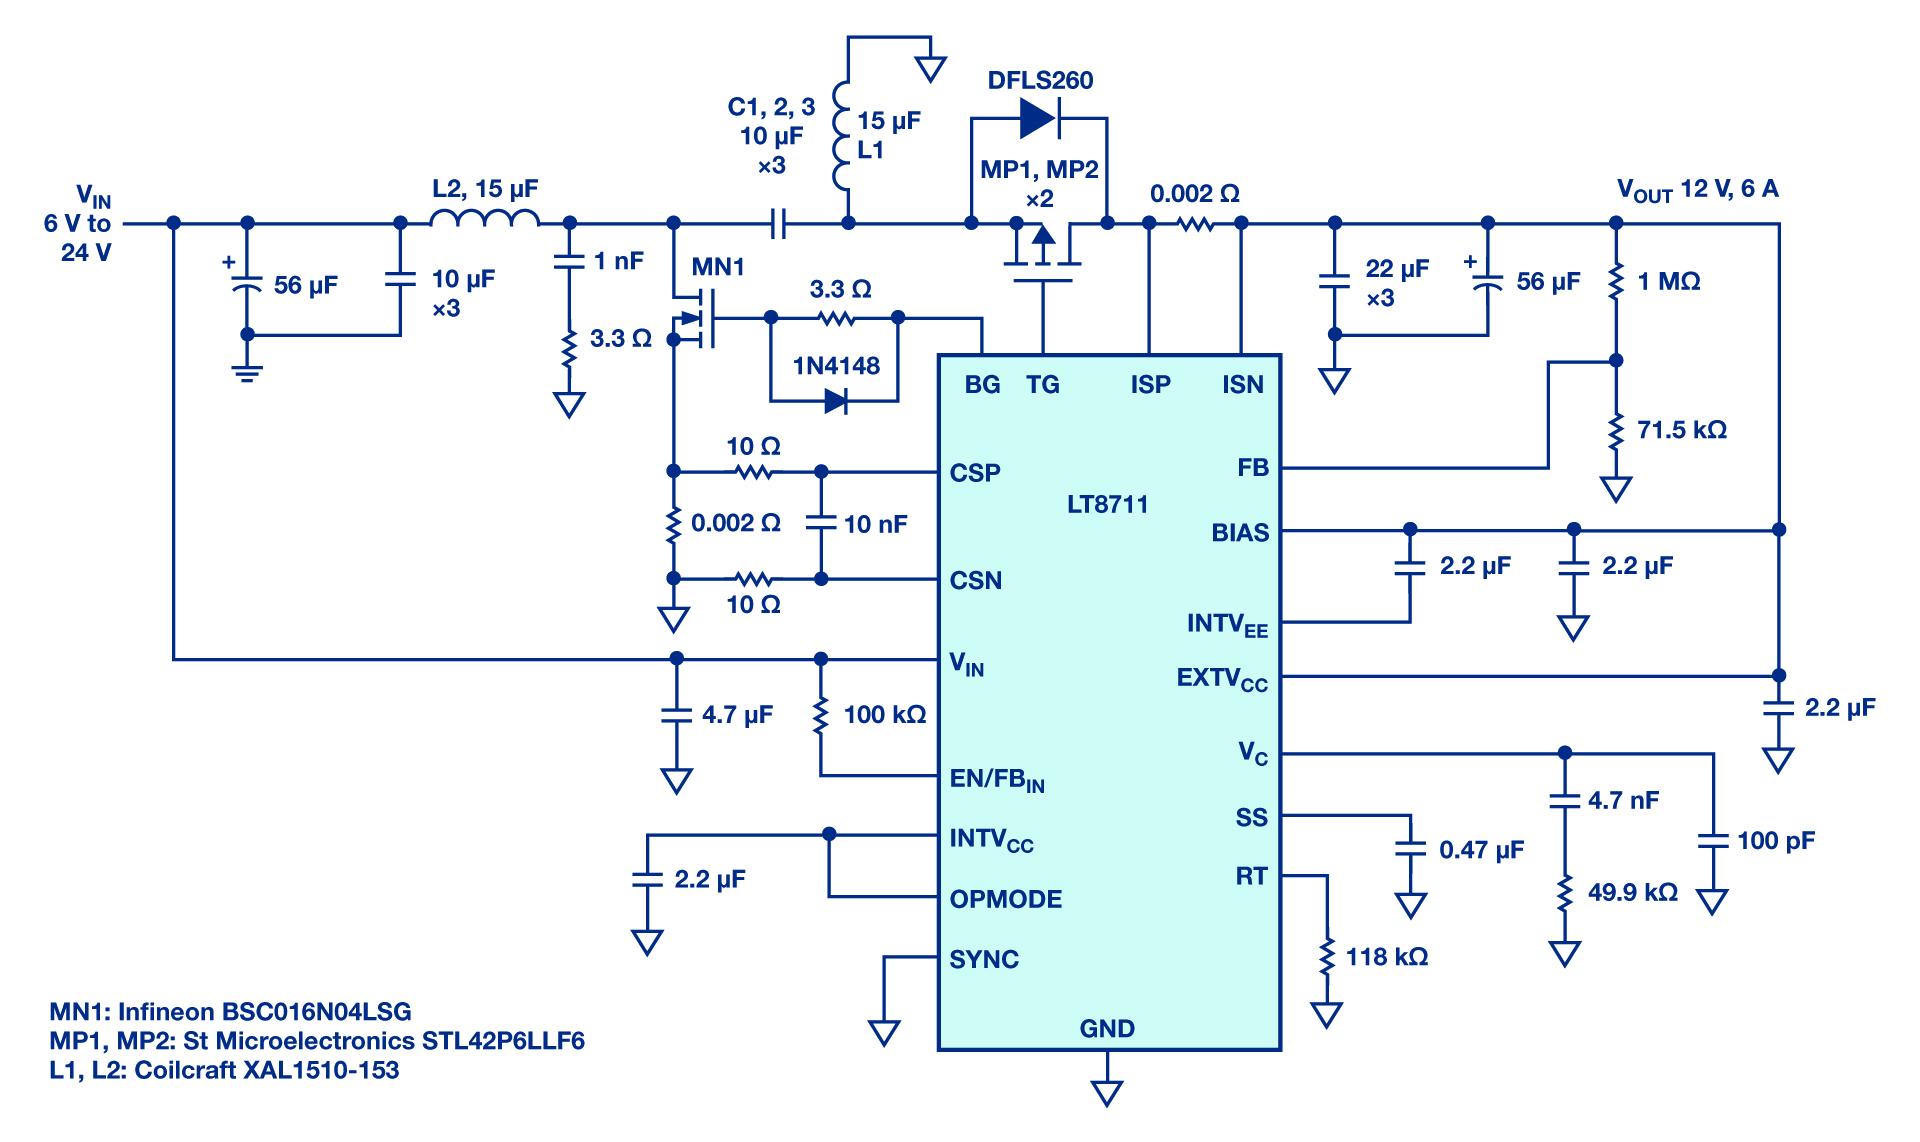 用于汽车和工业设备的LT8711控制器介绍